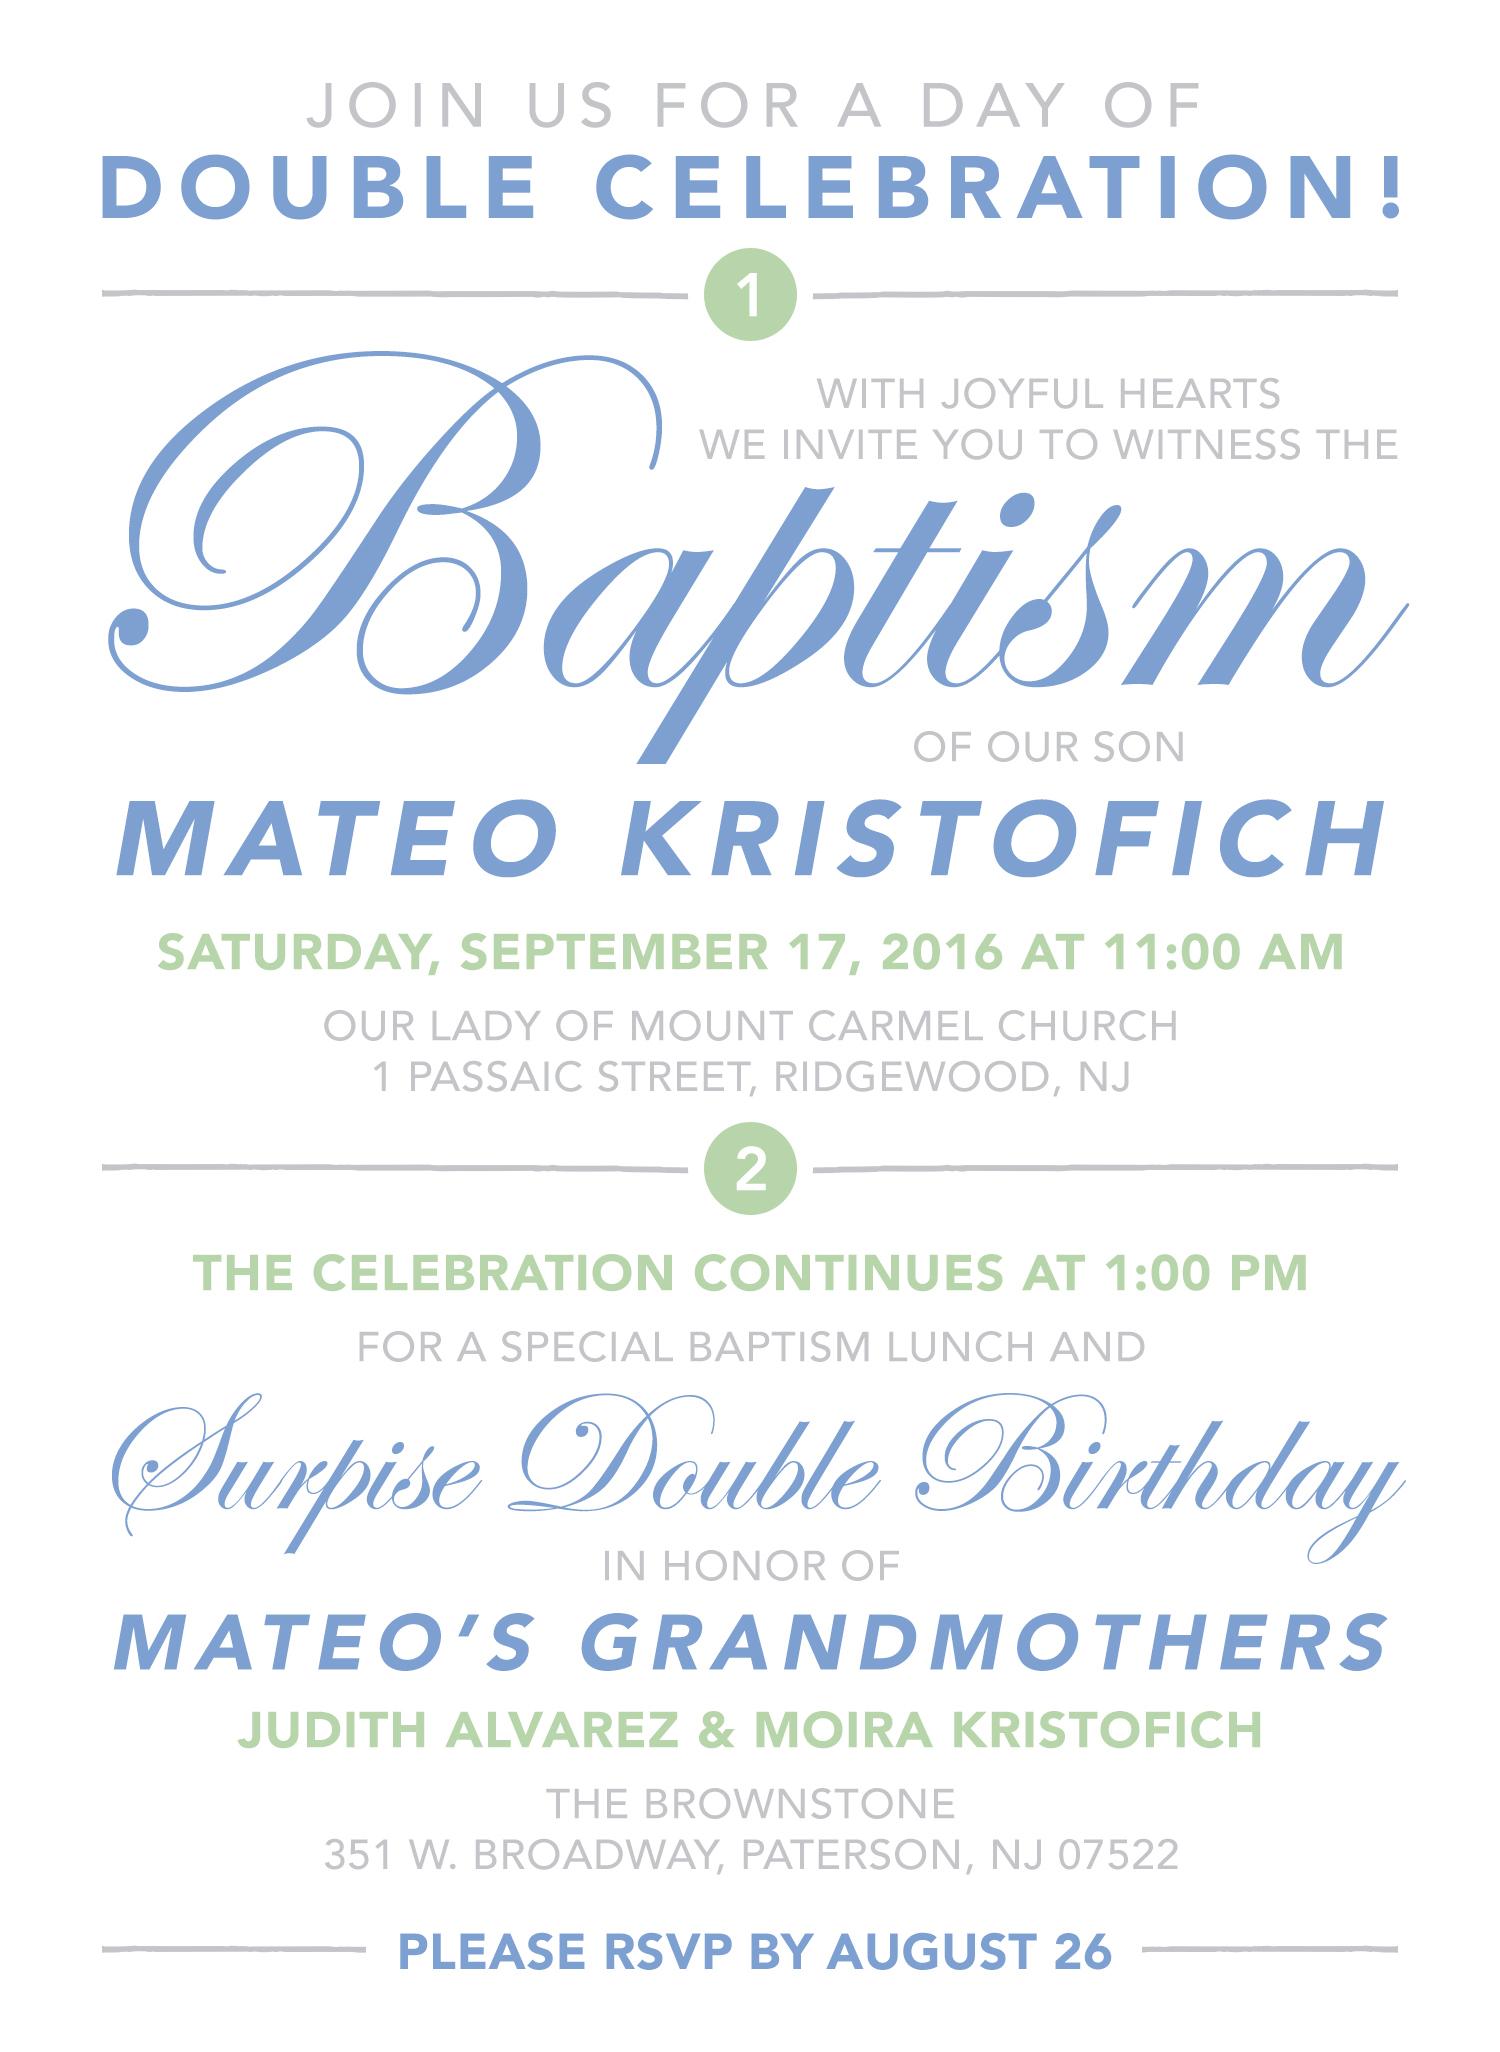 double celebration invitation drawn